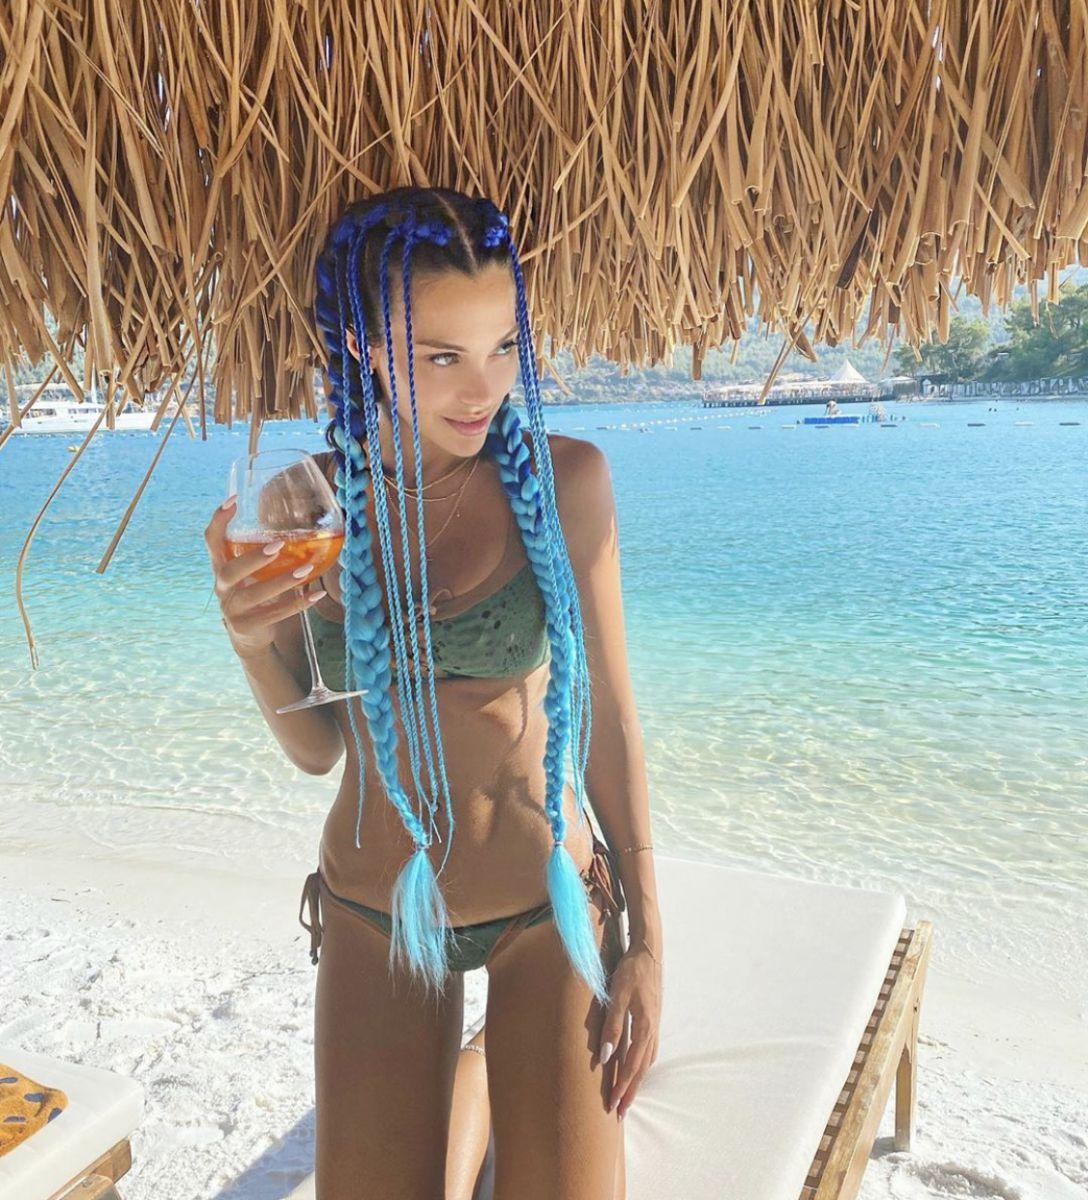 Tuvana Türkay'ın renkli saç örgüsü Türkiye'de yeni bir trend oluşturur mu?  | Nedenben